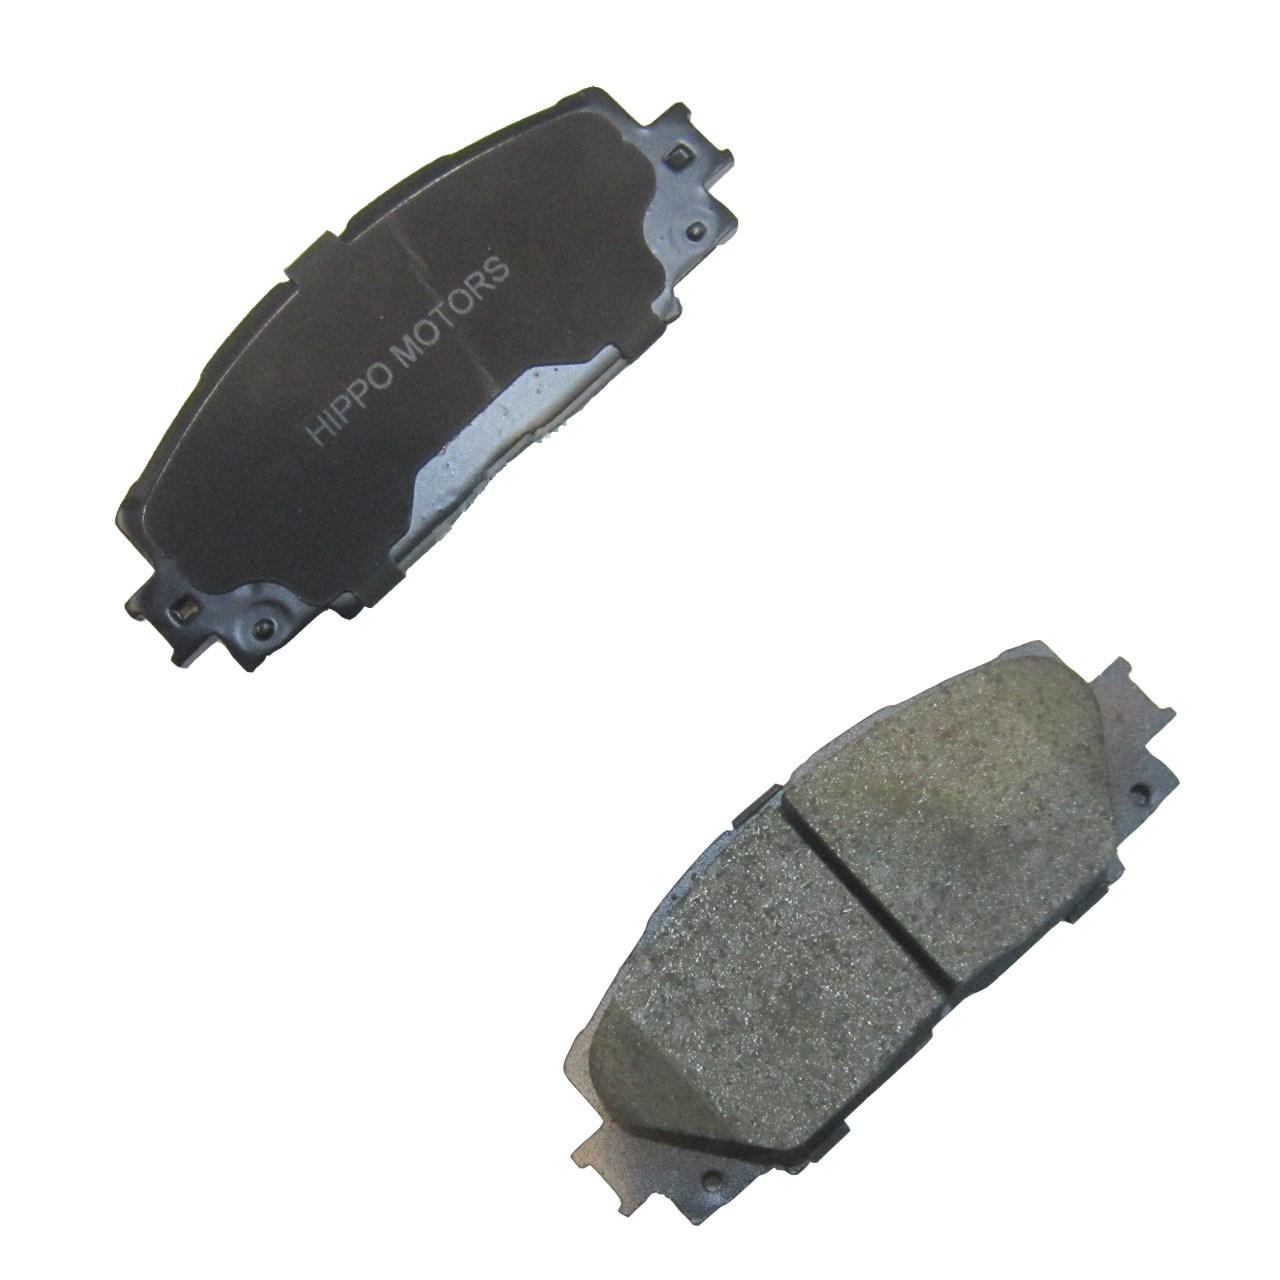 لنت ترمز جلو هیپو مناسب برای  برلیانس H220/H230    بسته دو جفتی